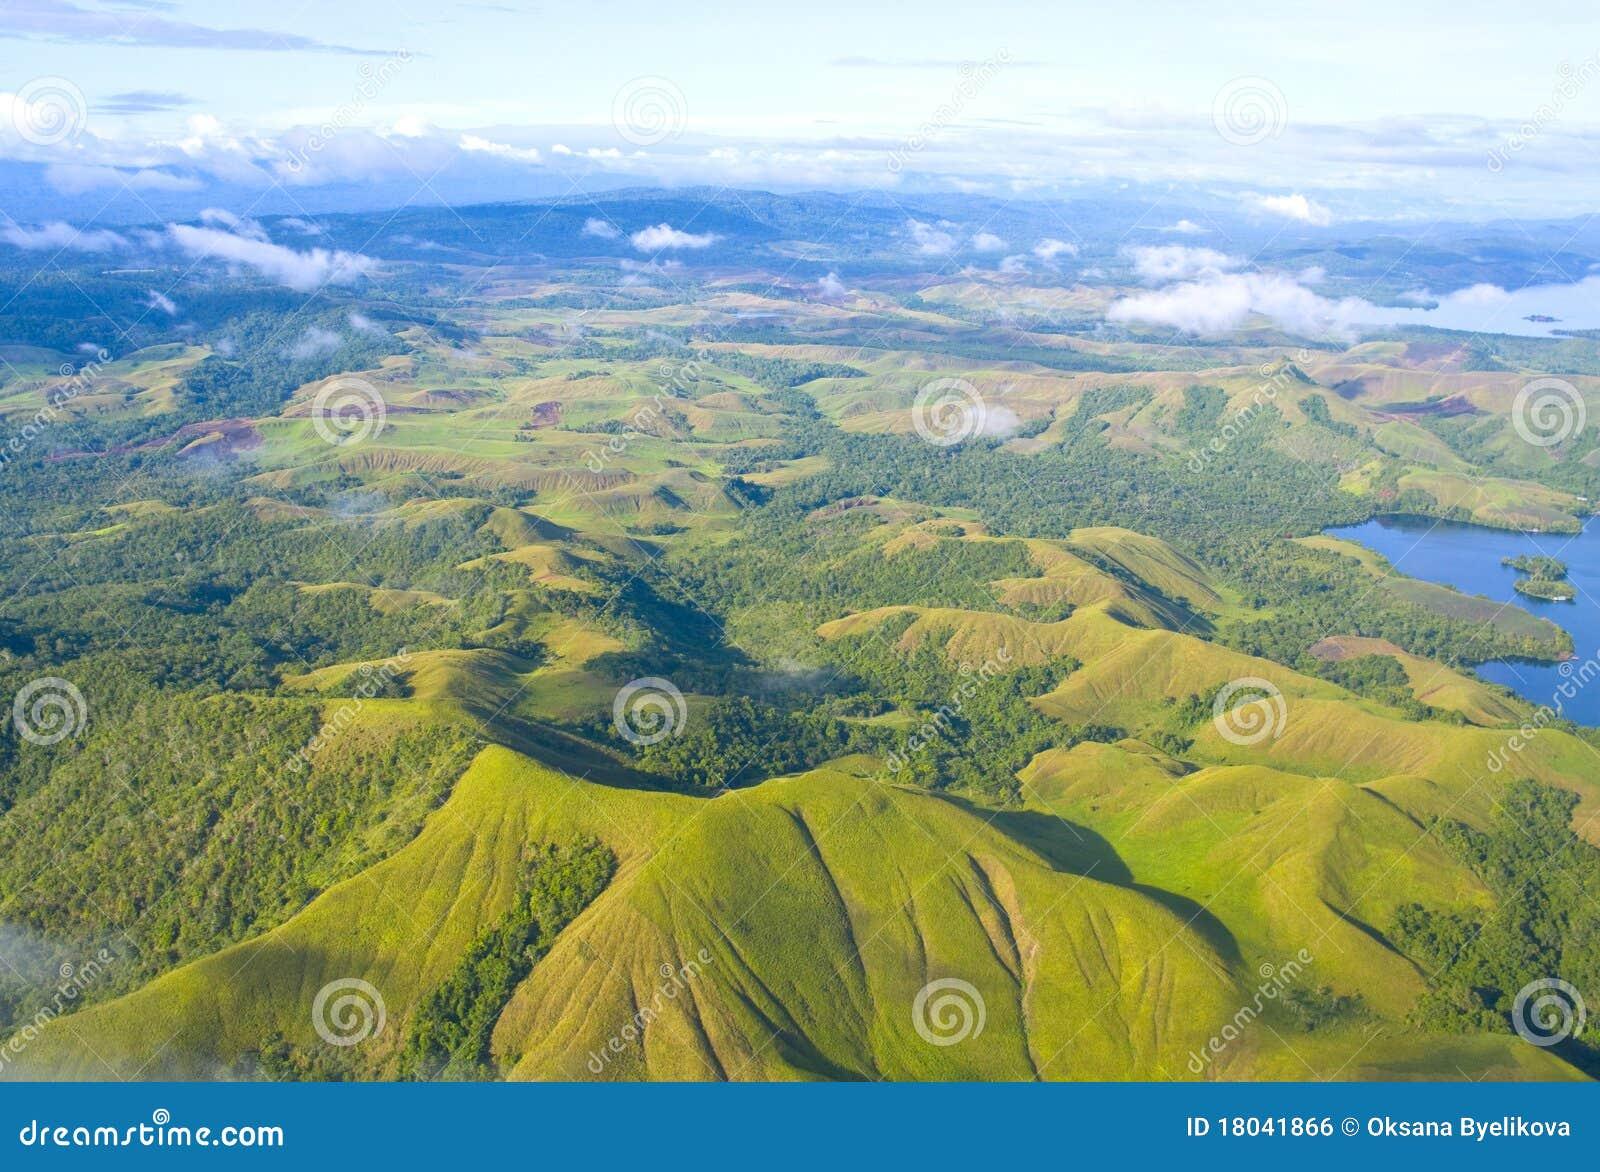 Luftfoto der Küste von Neu-Guinea